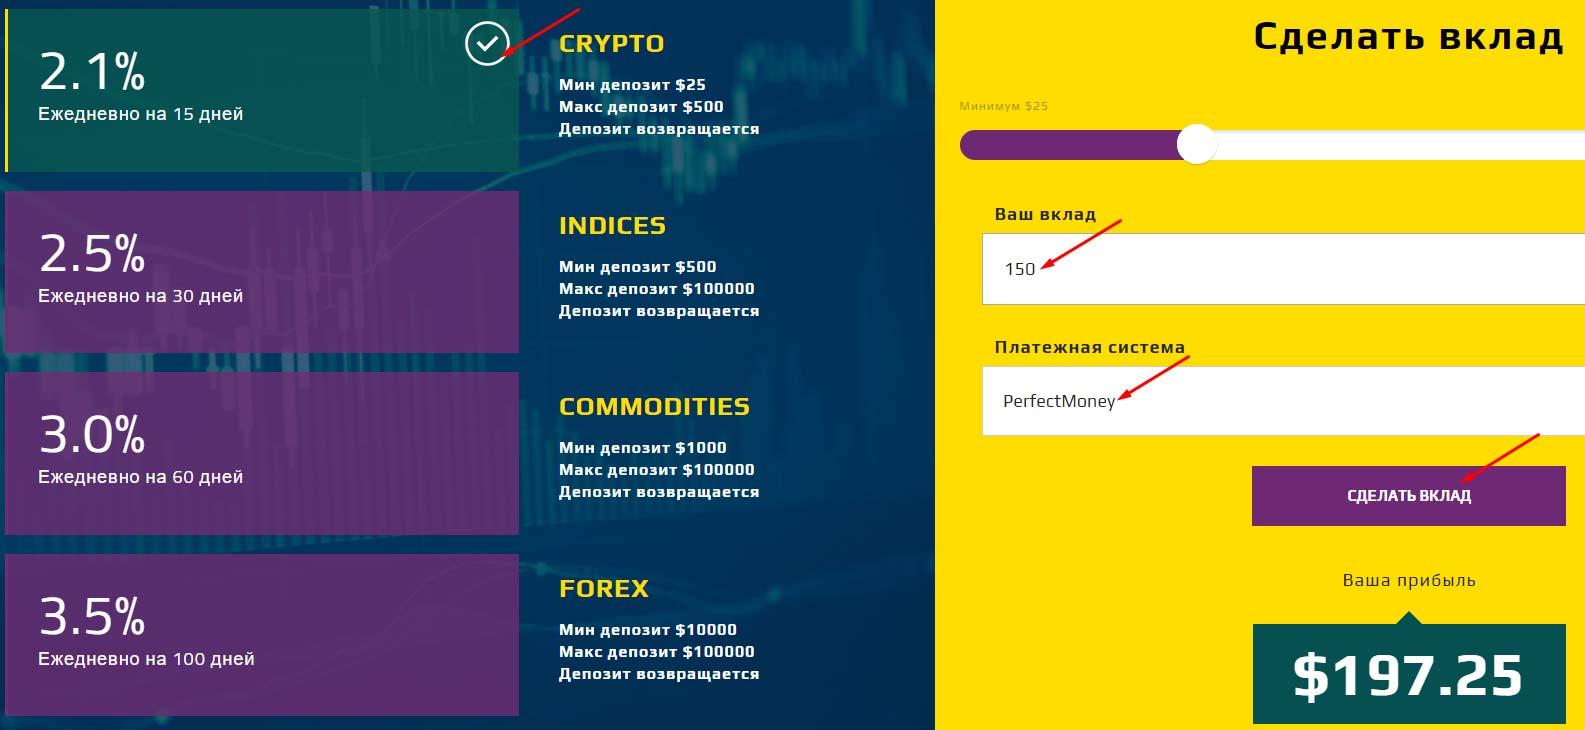 Создание депозита в SmartFounds 2